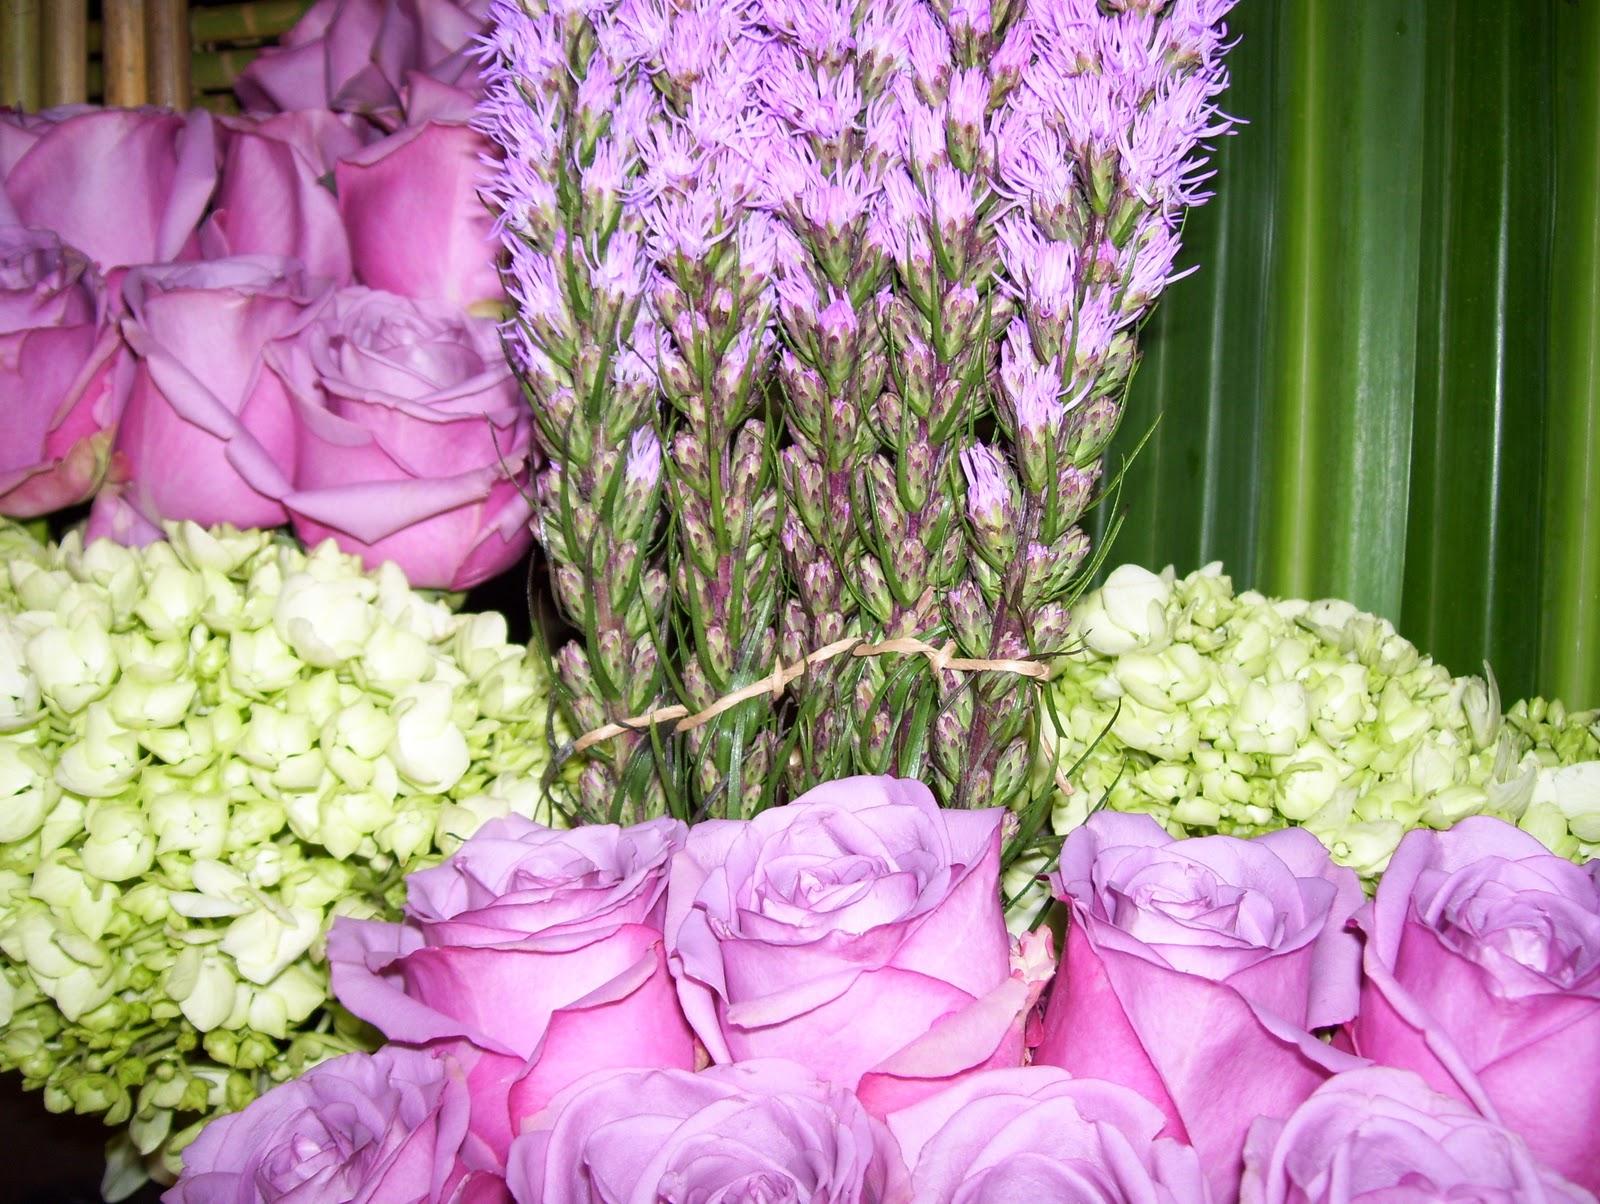 Arreglos florales creativos noviembre 2010 - Arreglos florales creativos ...